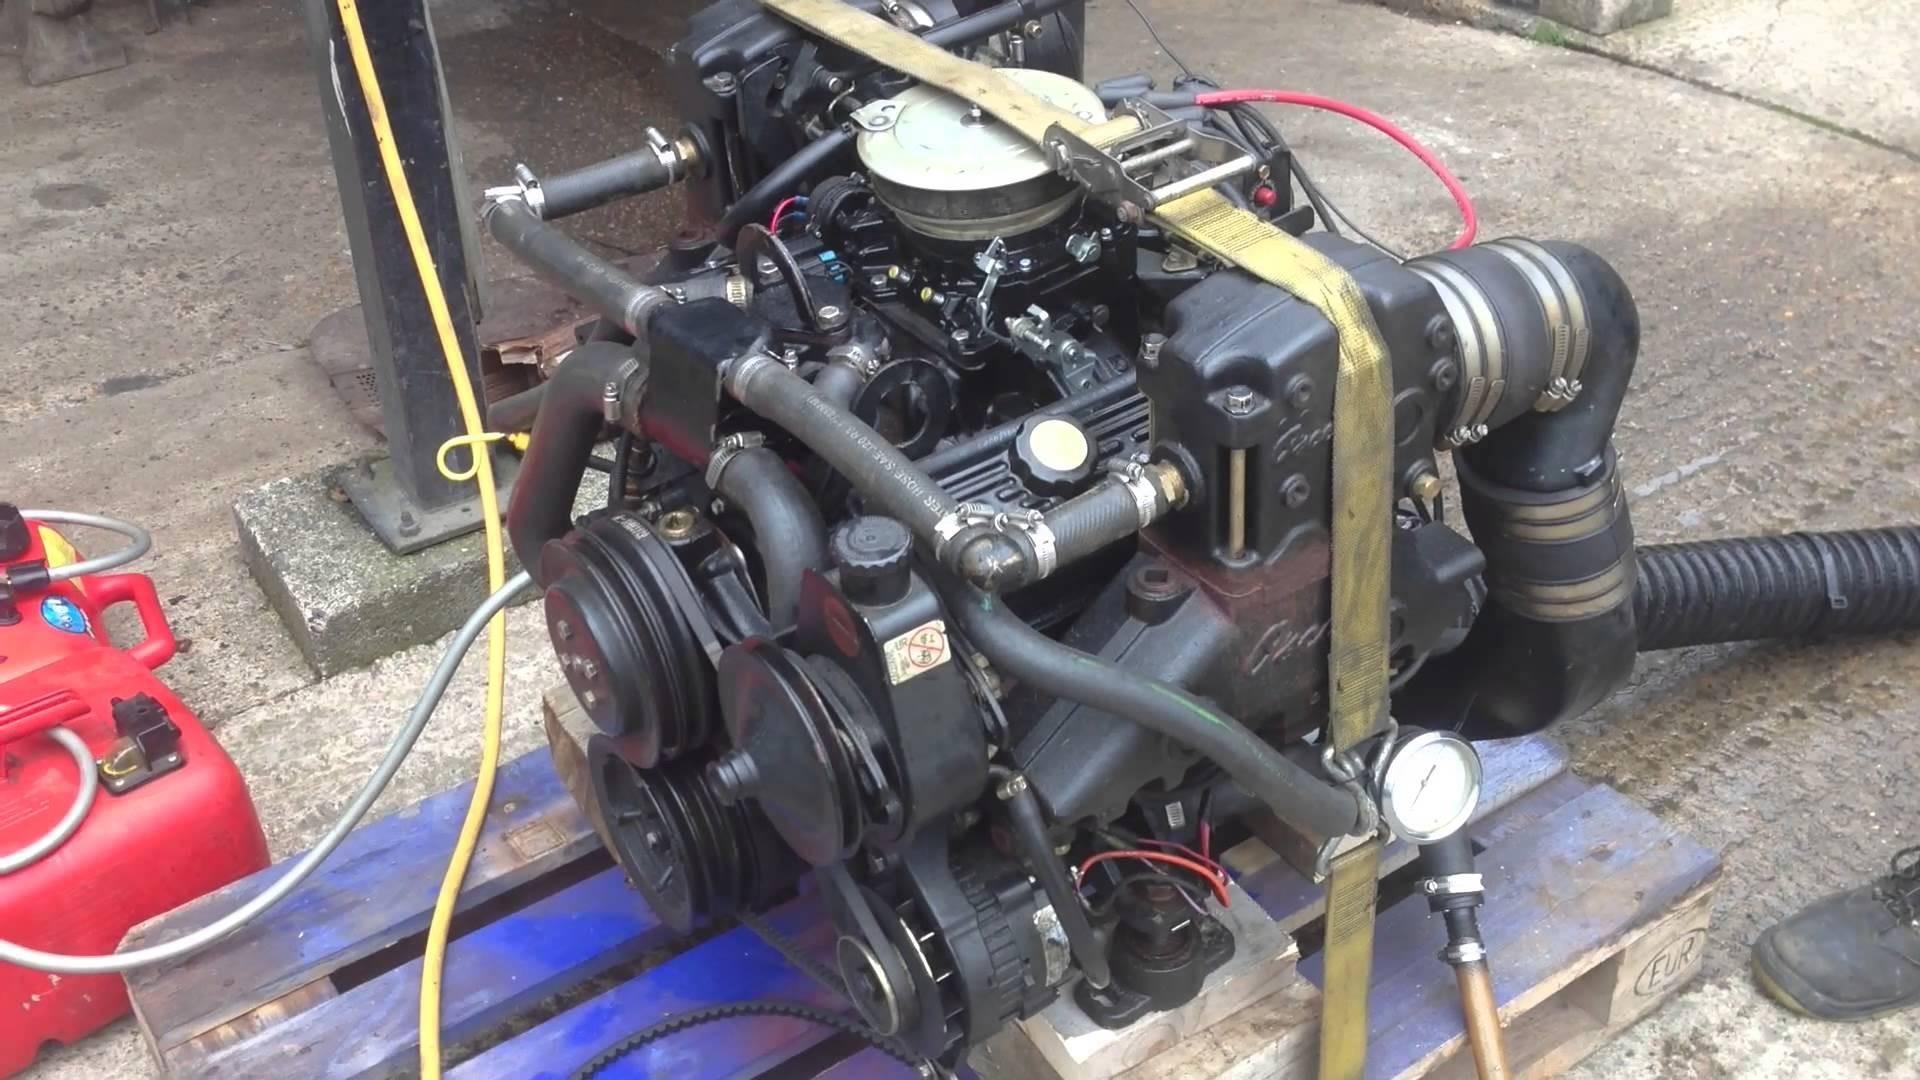 4 3 V6 Mercruiser Engine Diagram Mercruiser 4 3 Lx 205hp Boat Engine Of 4 3 V6 Mercruiser Engine Diagram